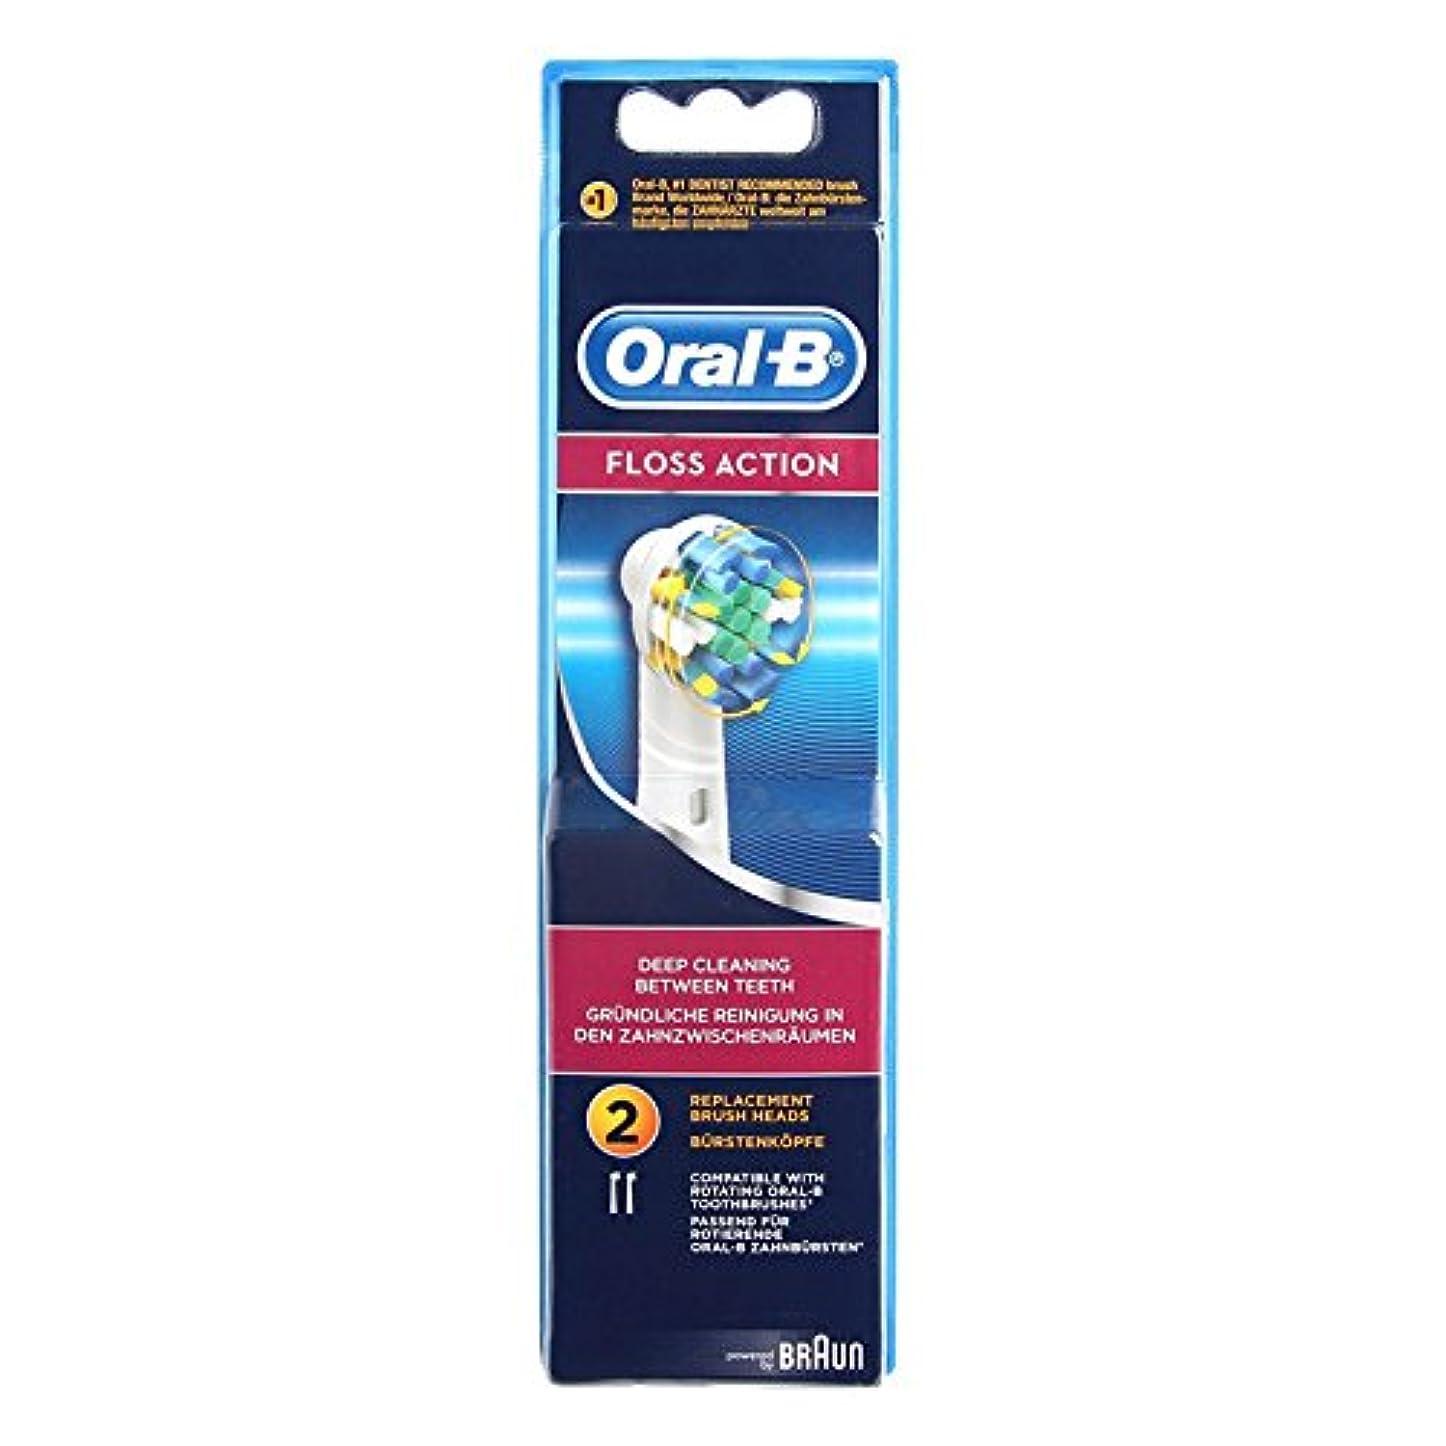 極地変装協同Braun Oral-B EB25-2 Floss Action 交換式充電式歯ブラシヘッド 1Pack [並行輸入品]